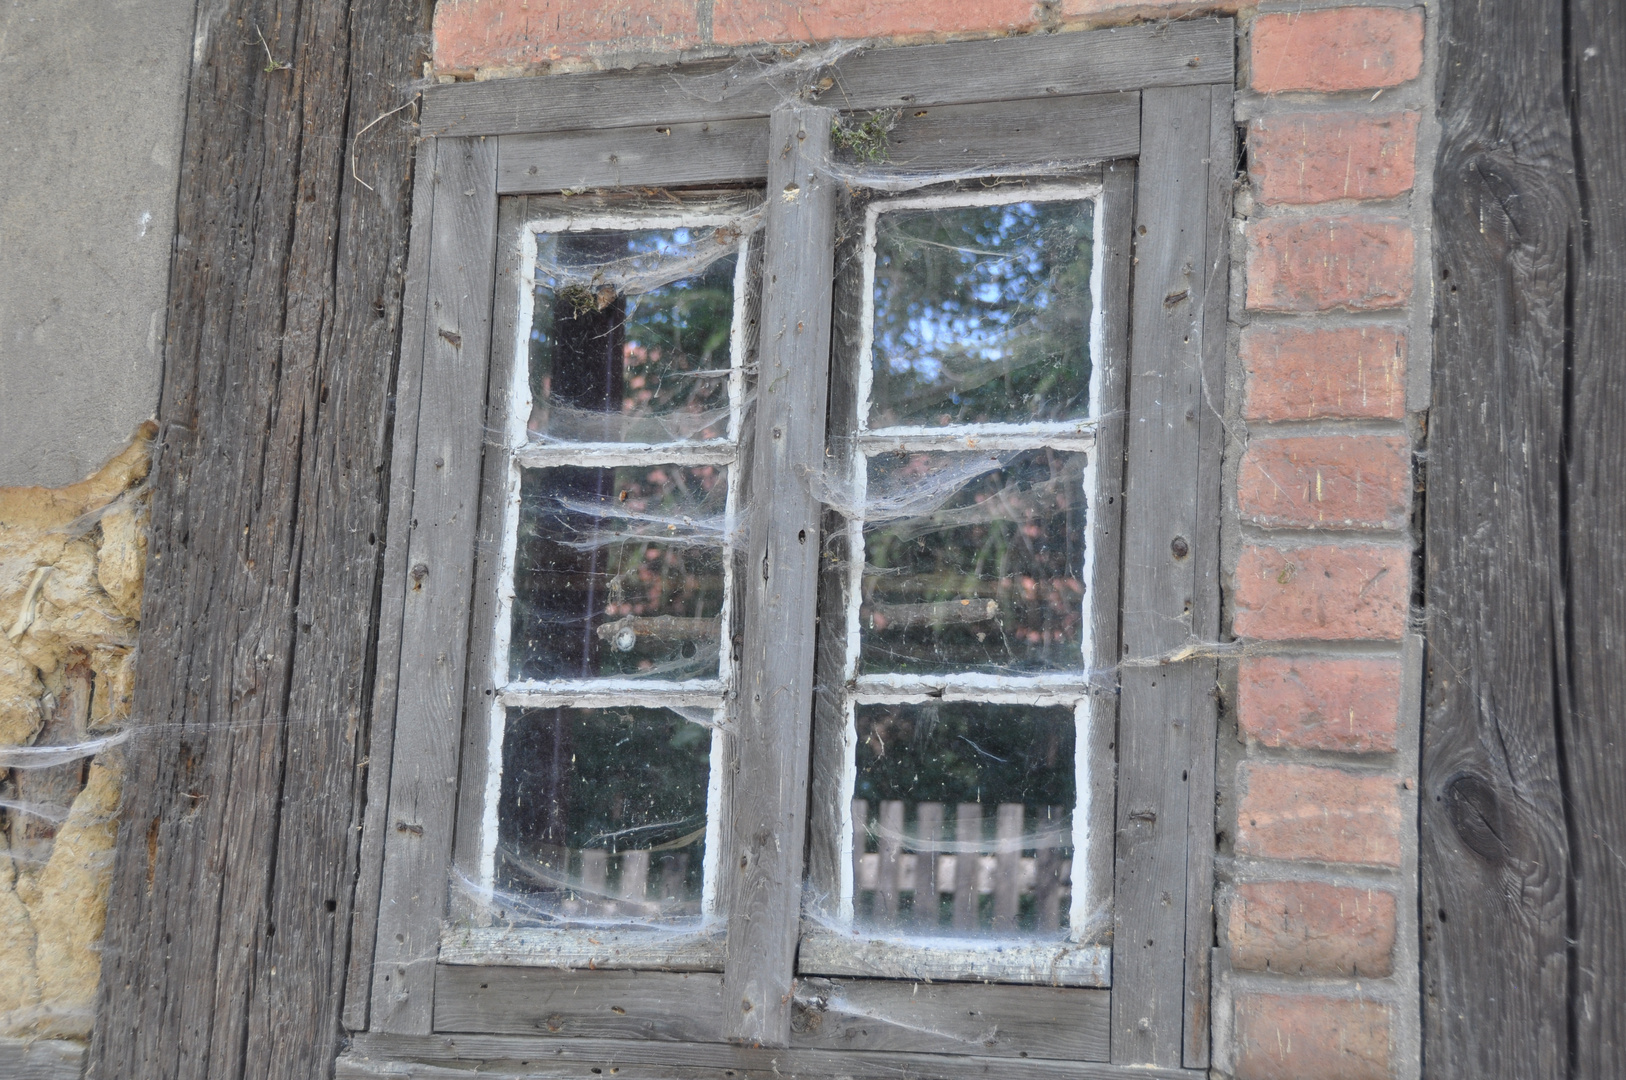 Verschlossenes Fenster